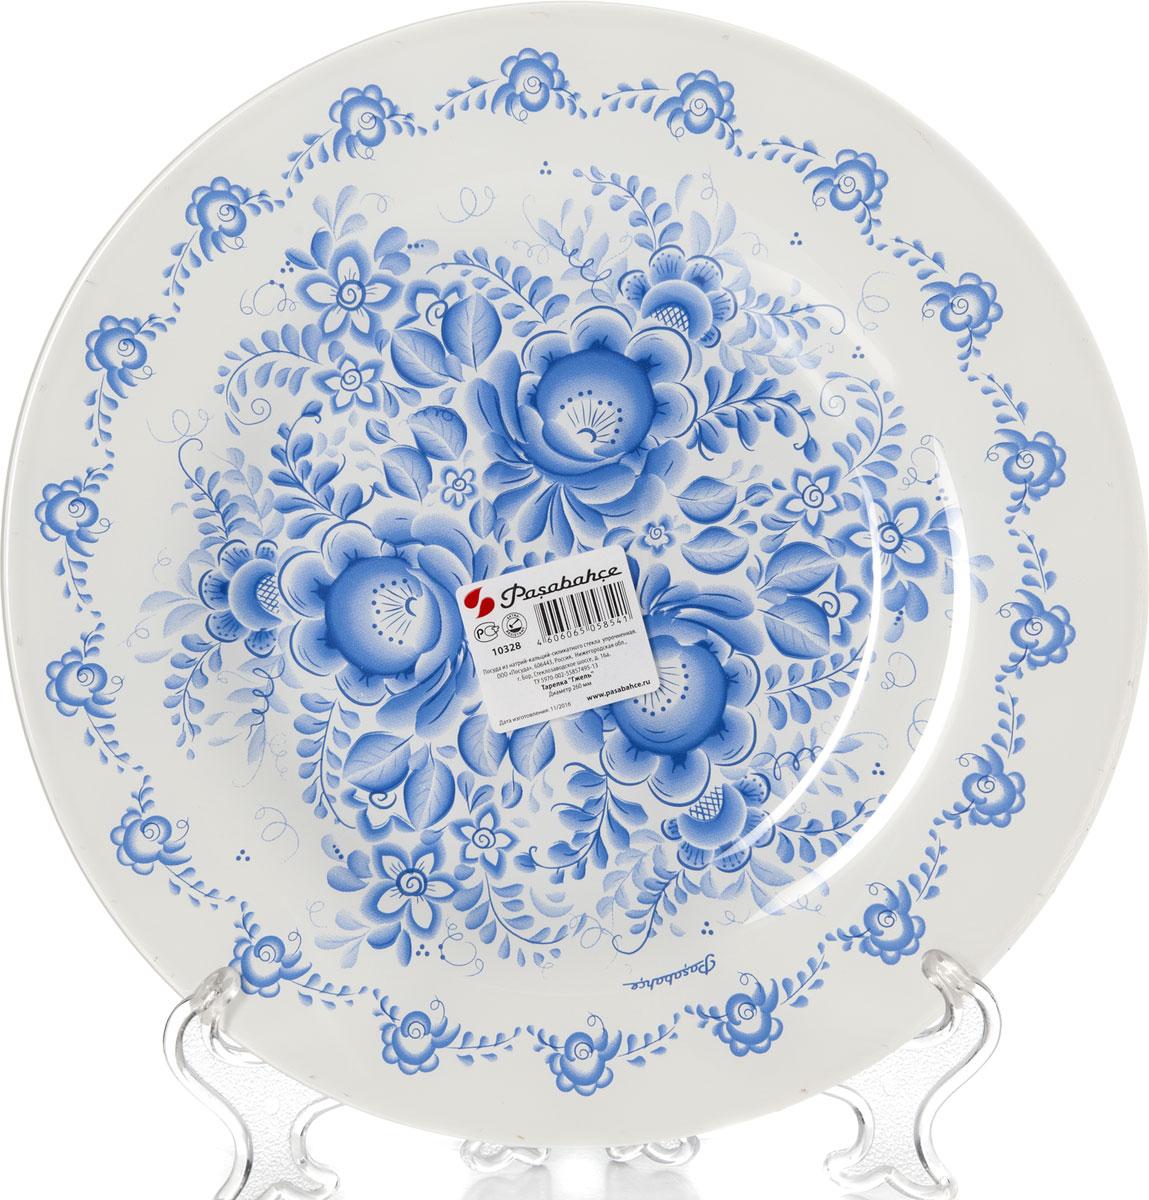 Тарелка обеденная Pasabahce Гжель, диаметр 26 см2158004Тарелка обеденная Pasabahce Гжель выполнена из качественного упрочненного стекла и украшена рисунком гжель. Тарелка прекрасно подойдет в качестве сервировочного блюда.Изящная тарелка прекрасно оформит праздничный стол и порадует вас и ваших гостей изысканным дизайном и формой. Диаметр тарелки: 26 см.